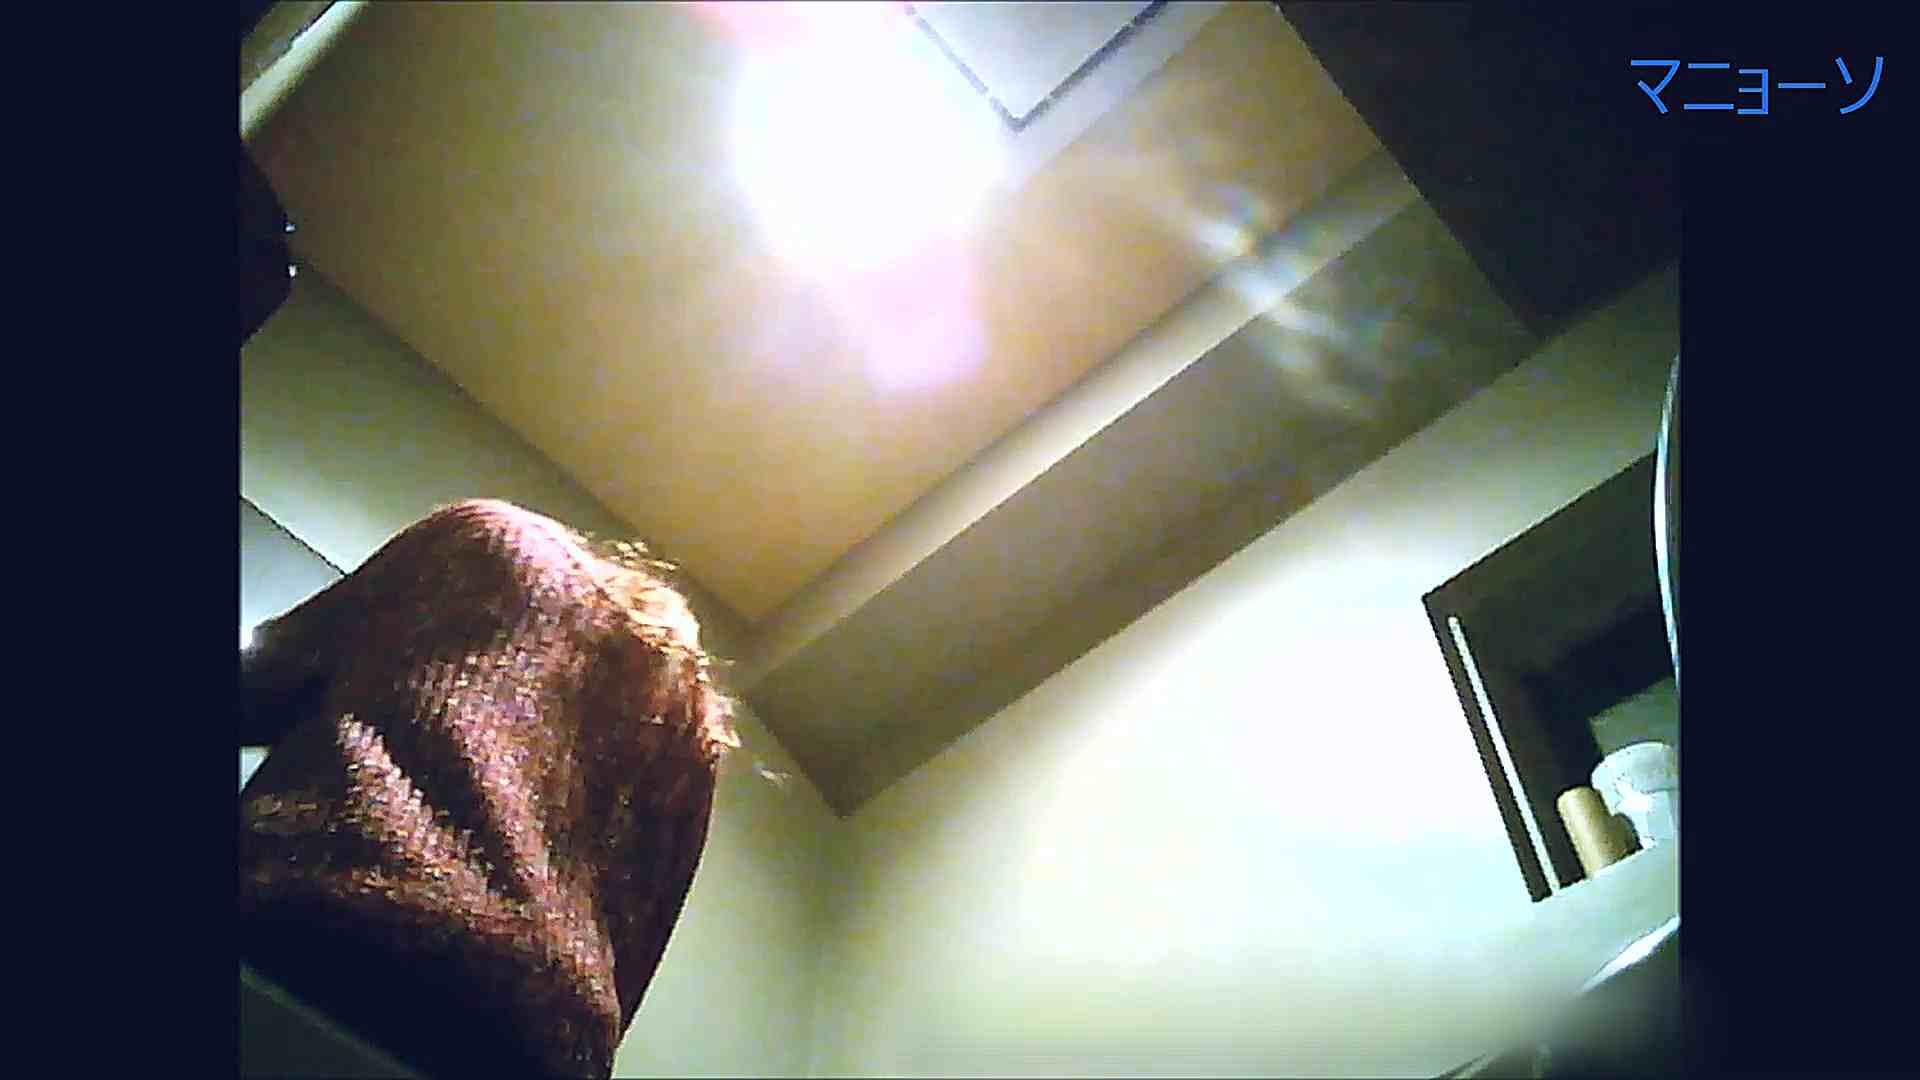 トイレでひと肌脱いでもらいました (OL編)Vol.13 OL | トイレ中  61連発 59